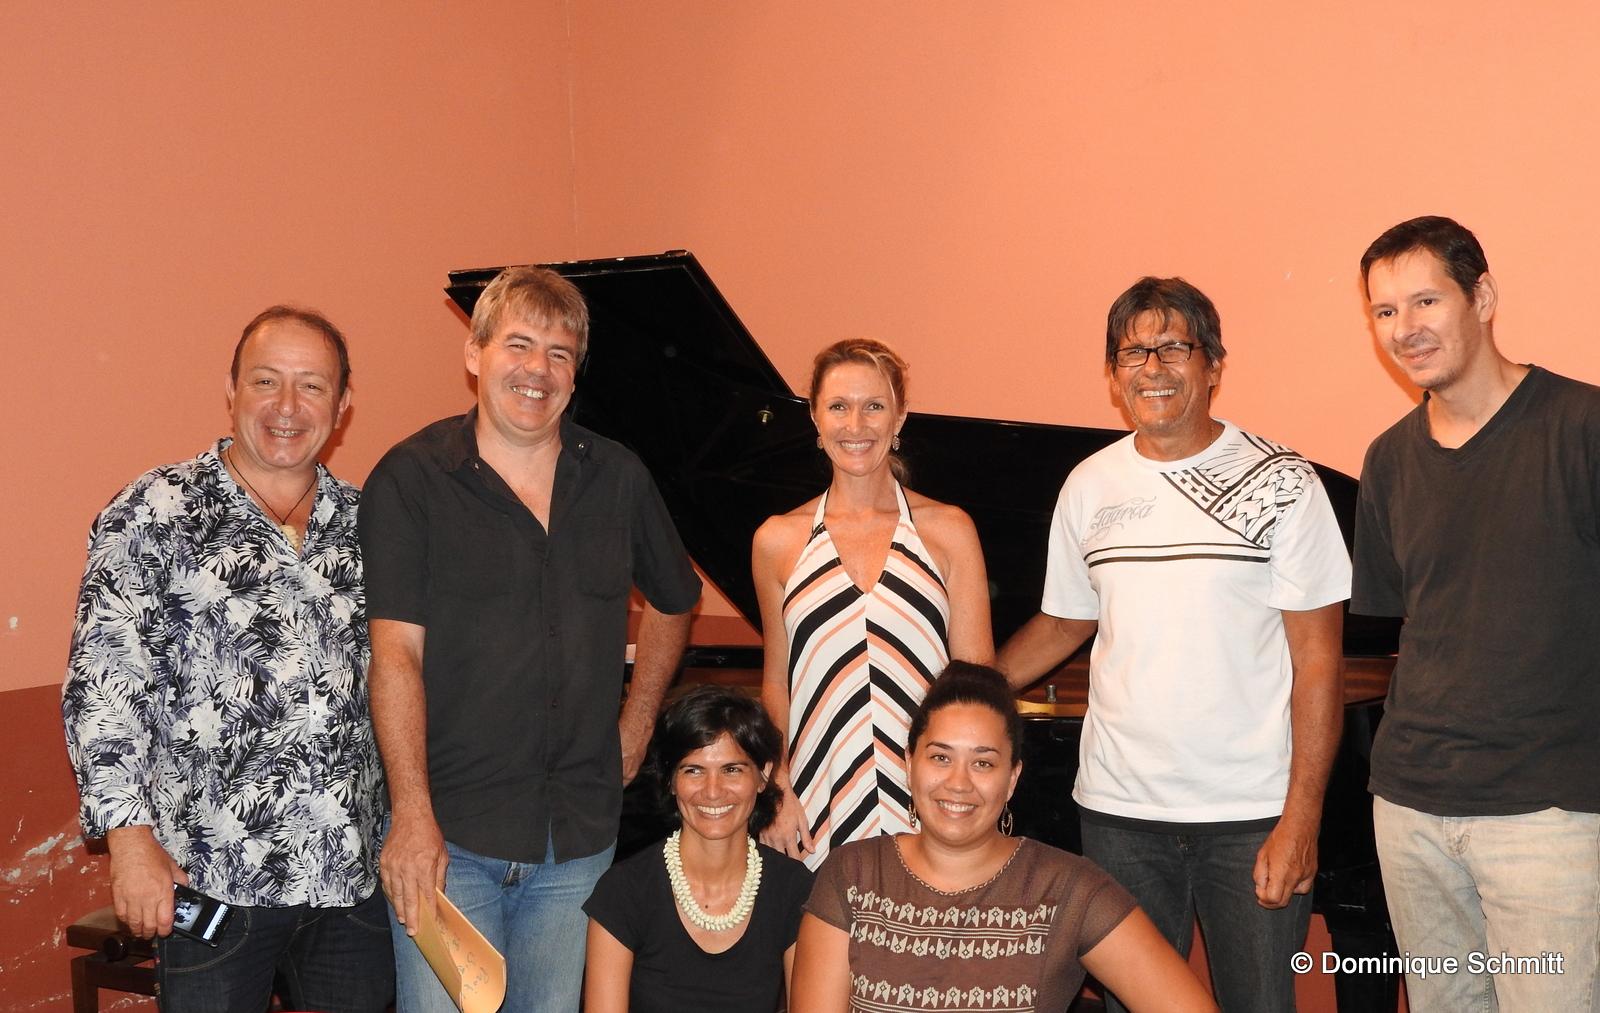 Le Conservatoire artistique et la Maison de la culture unissent leurs moyens pour offrir au public local des concerts d'exception.